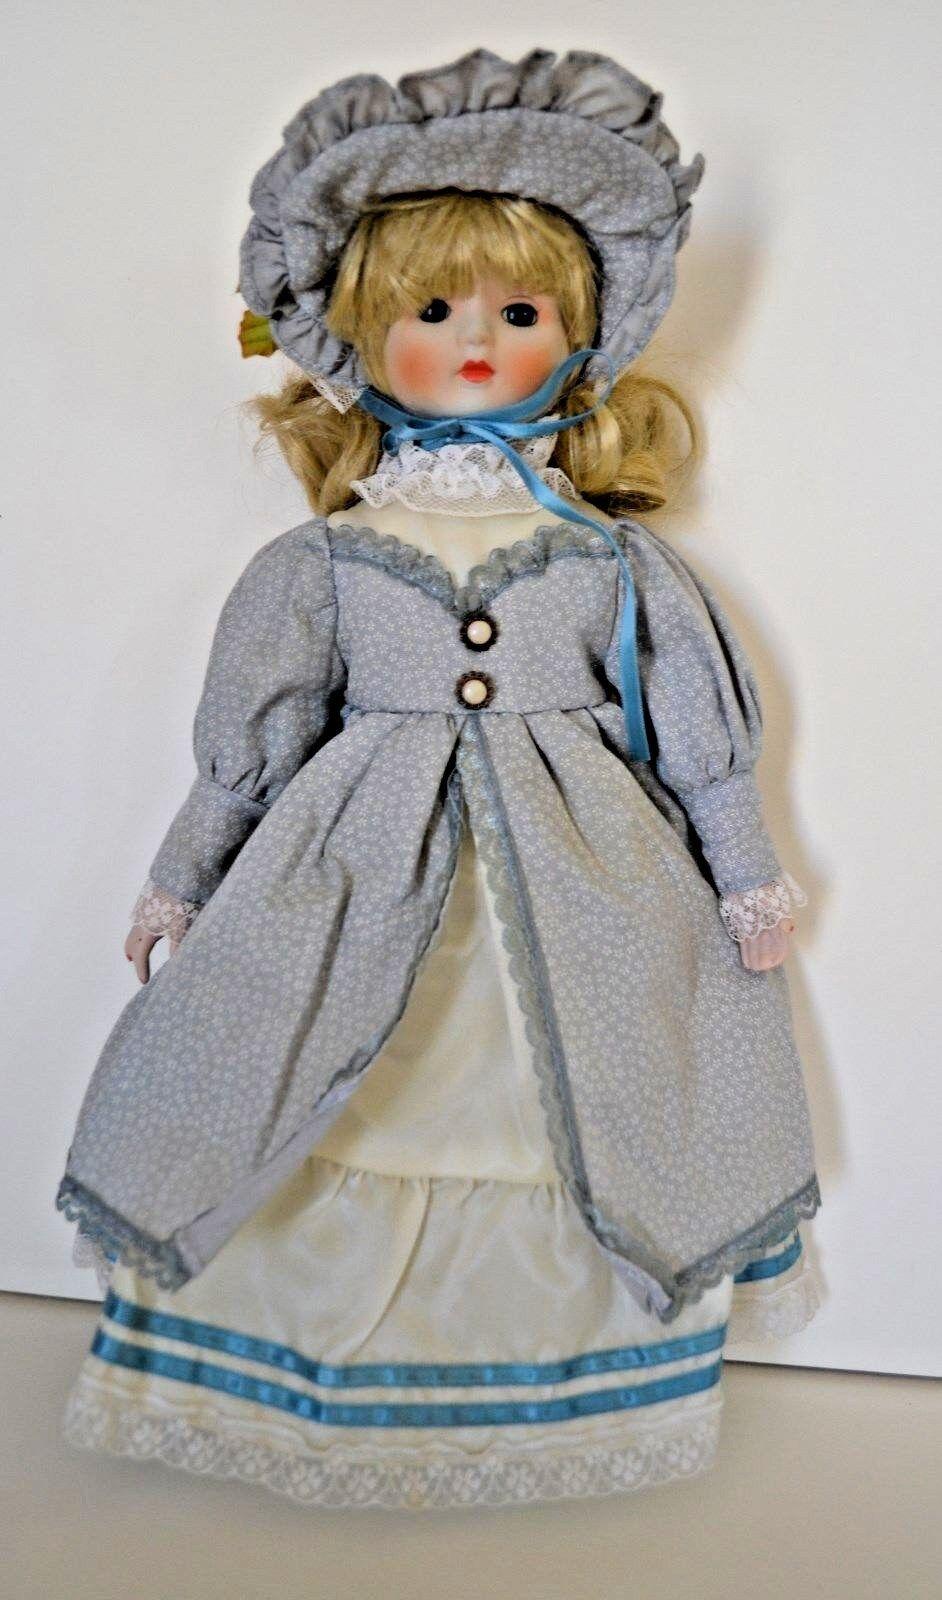 Vintage Porzellan Kopf,Hände,Füße 16 Puppe Blonde Haare, Blaue Augen